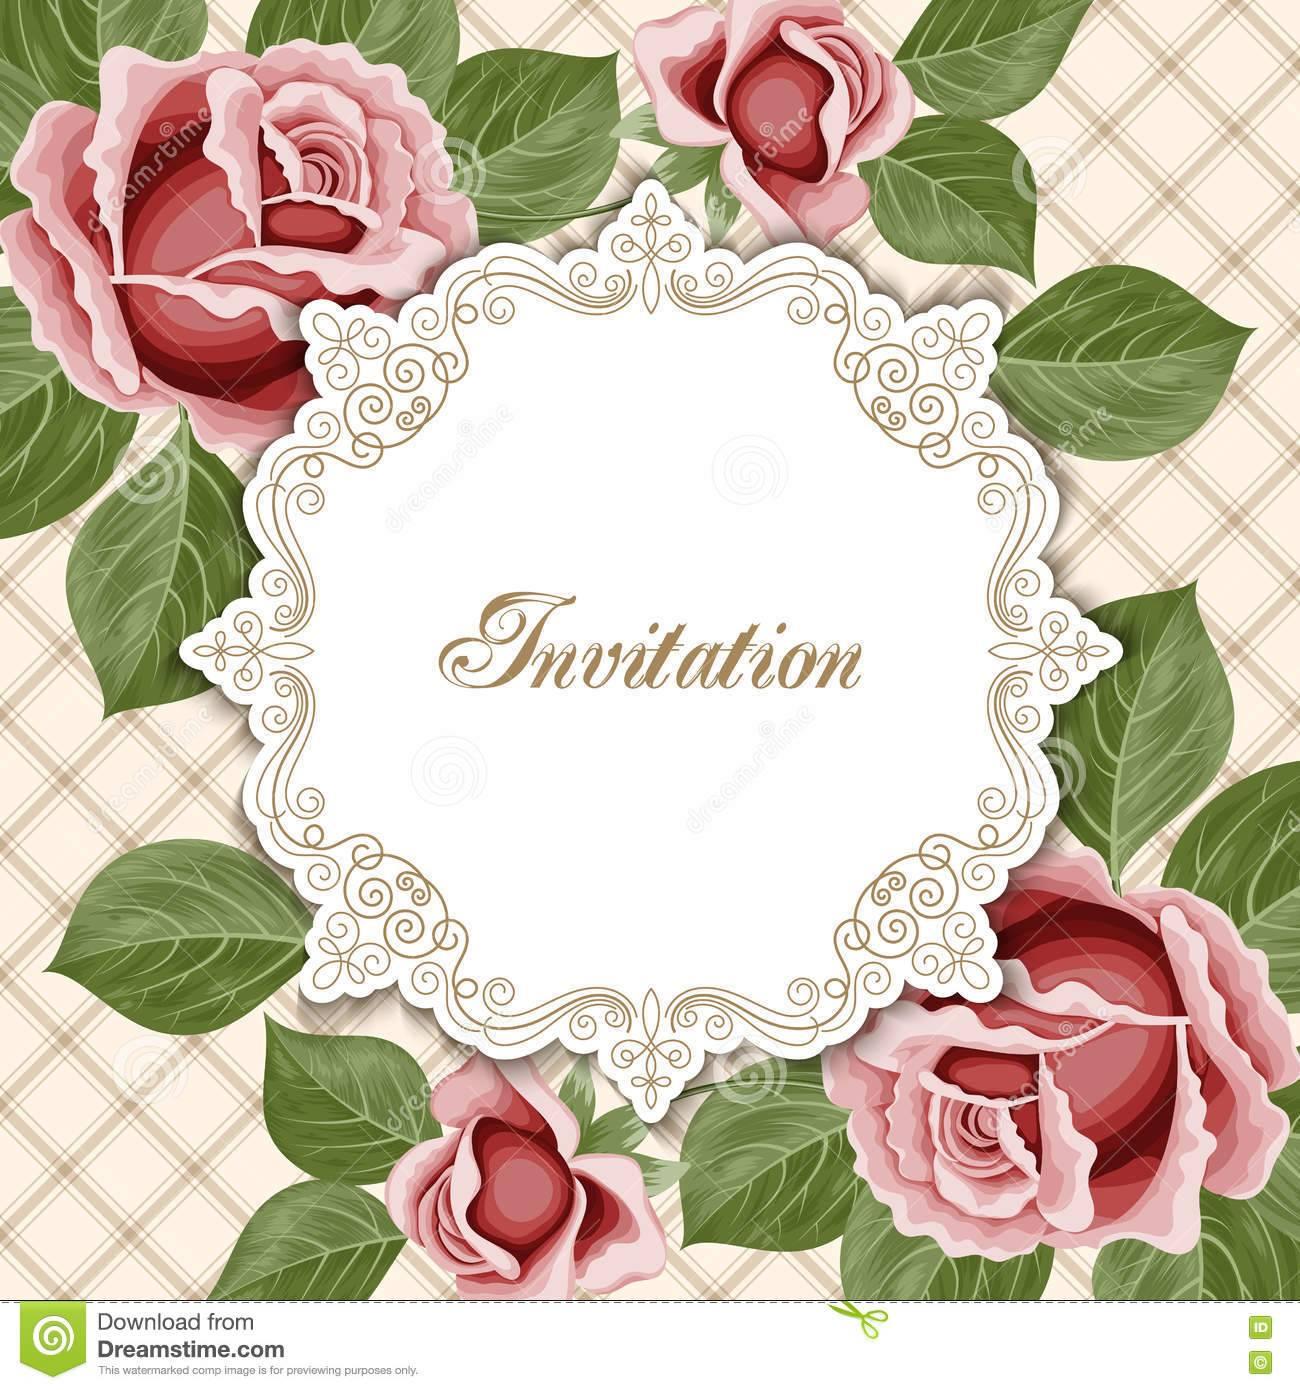 Vintage Flower Invitation Template